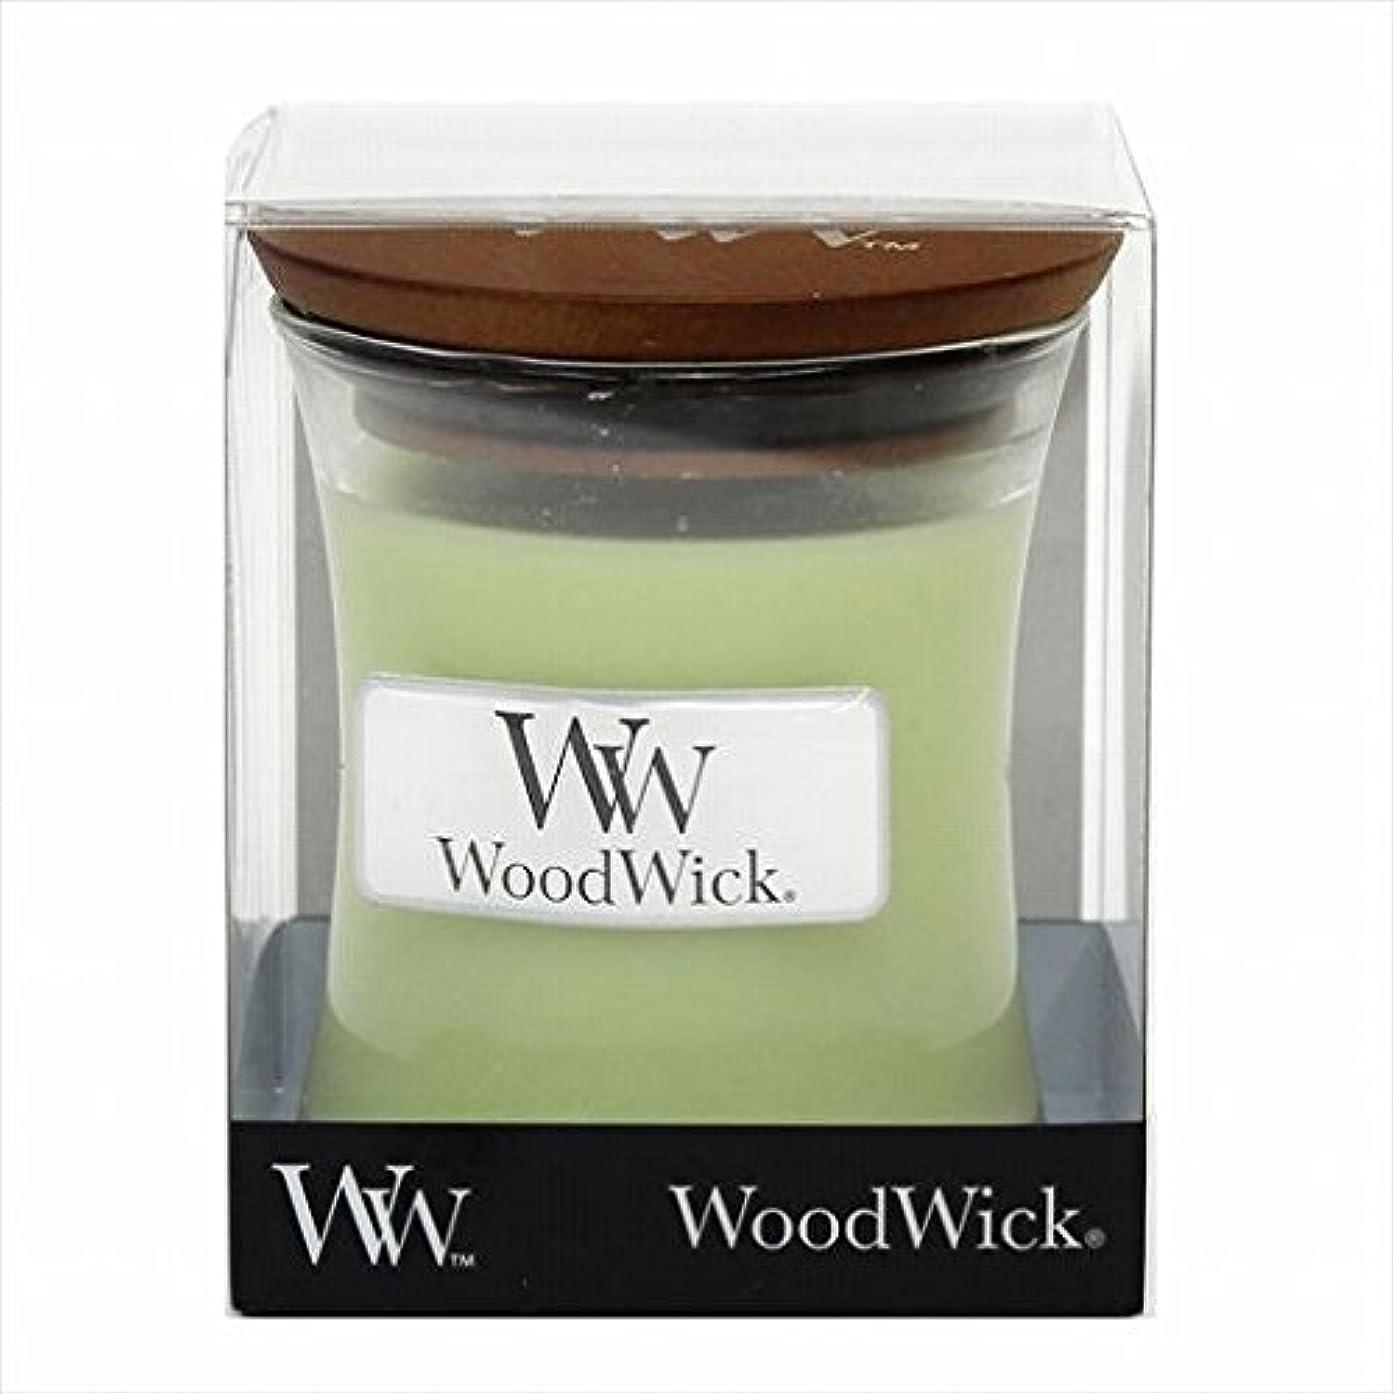 偽善びっくりしたトランスミッションカメヤマキャンドル(kameyama candle) Wood Wick ジャーS 「 ウィロー 」